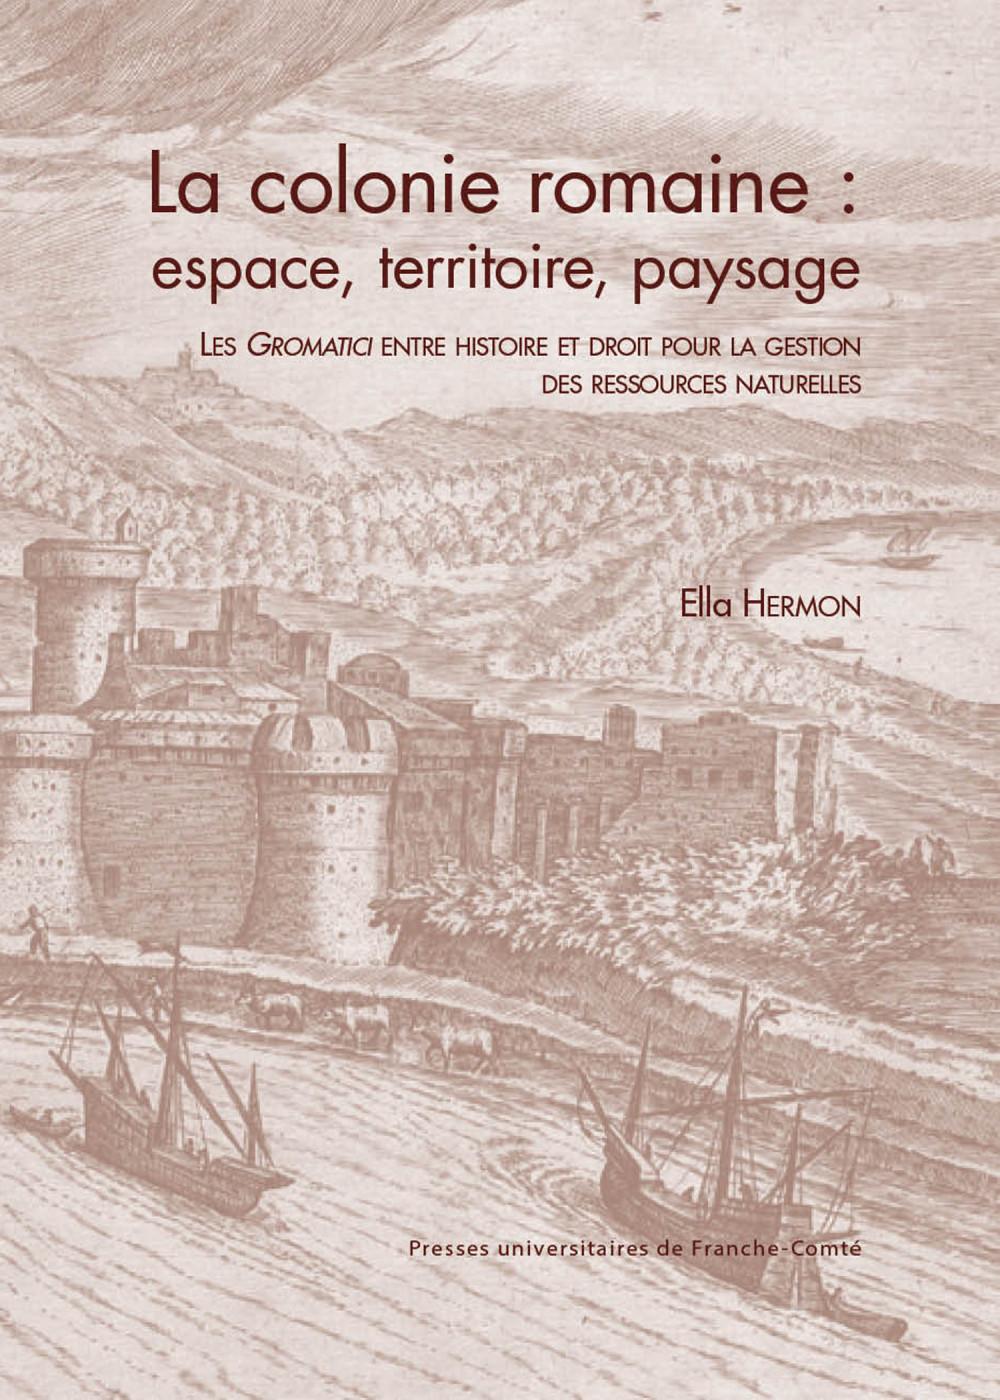 La colonie romaine : espace, territoire, paysage